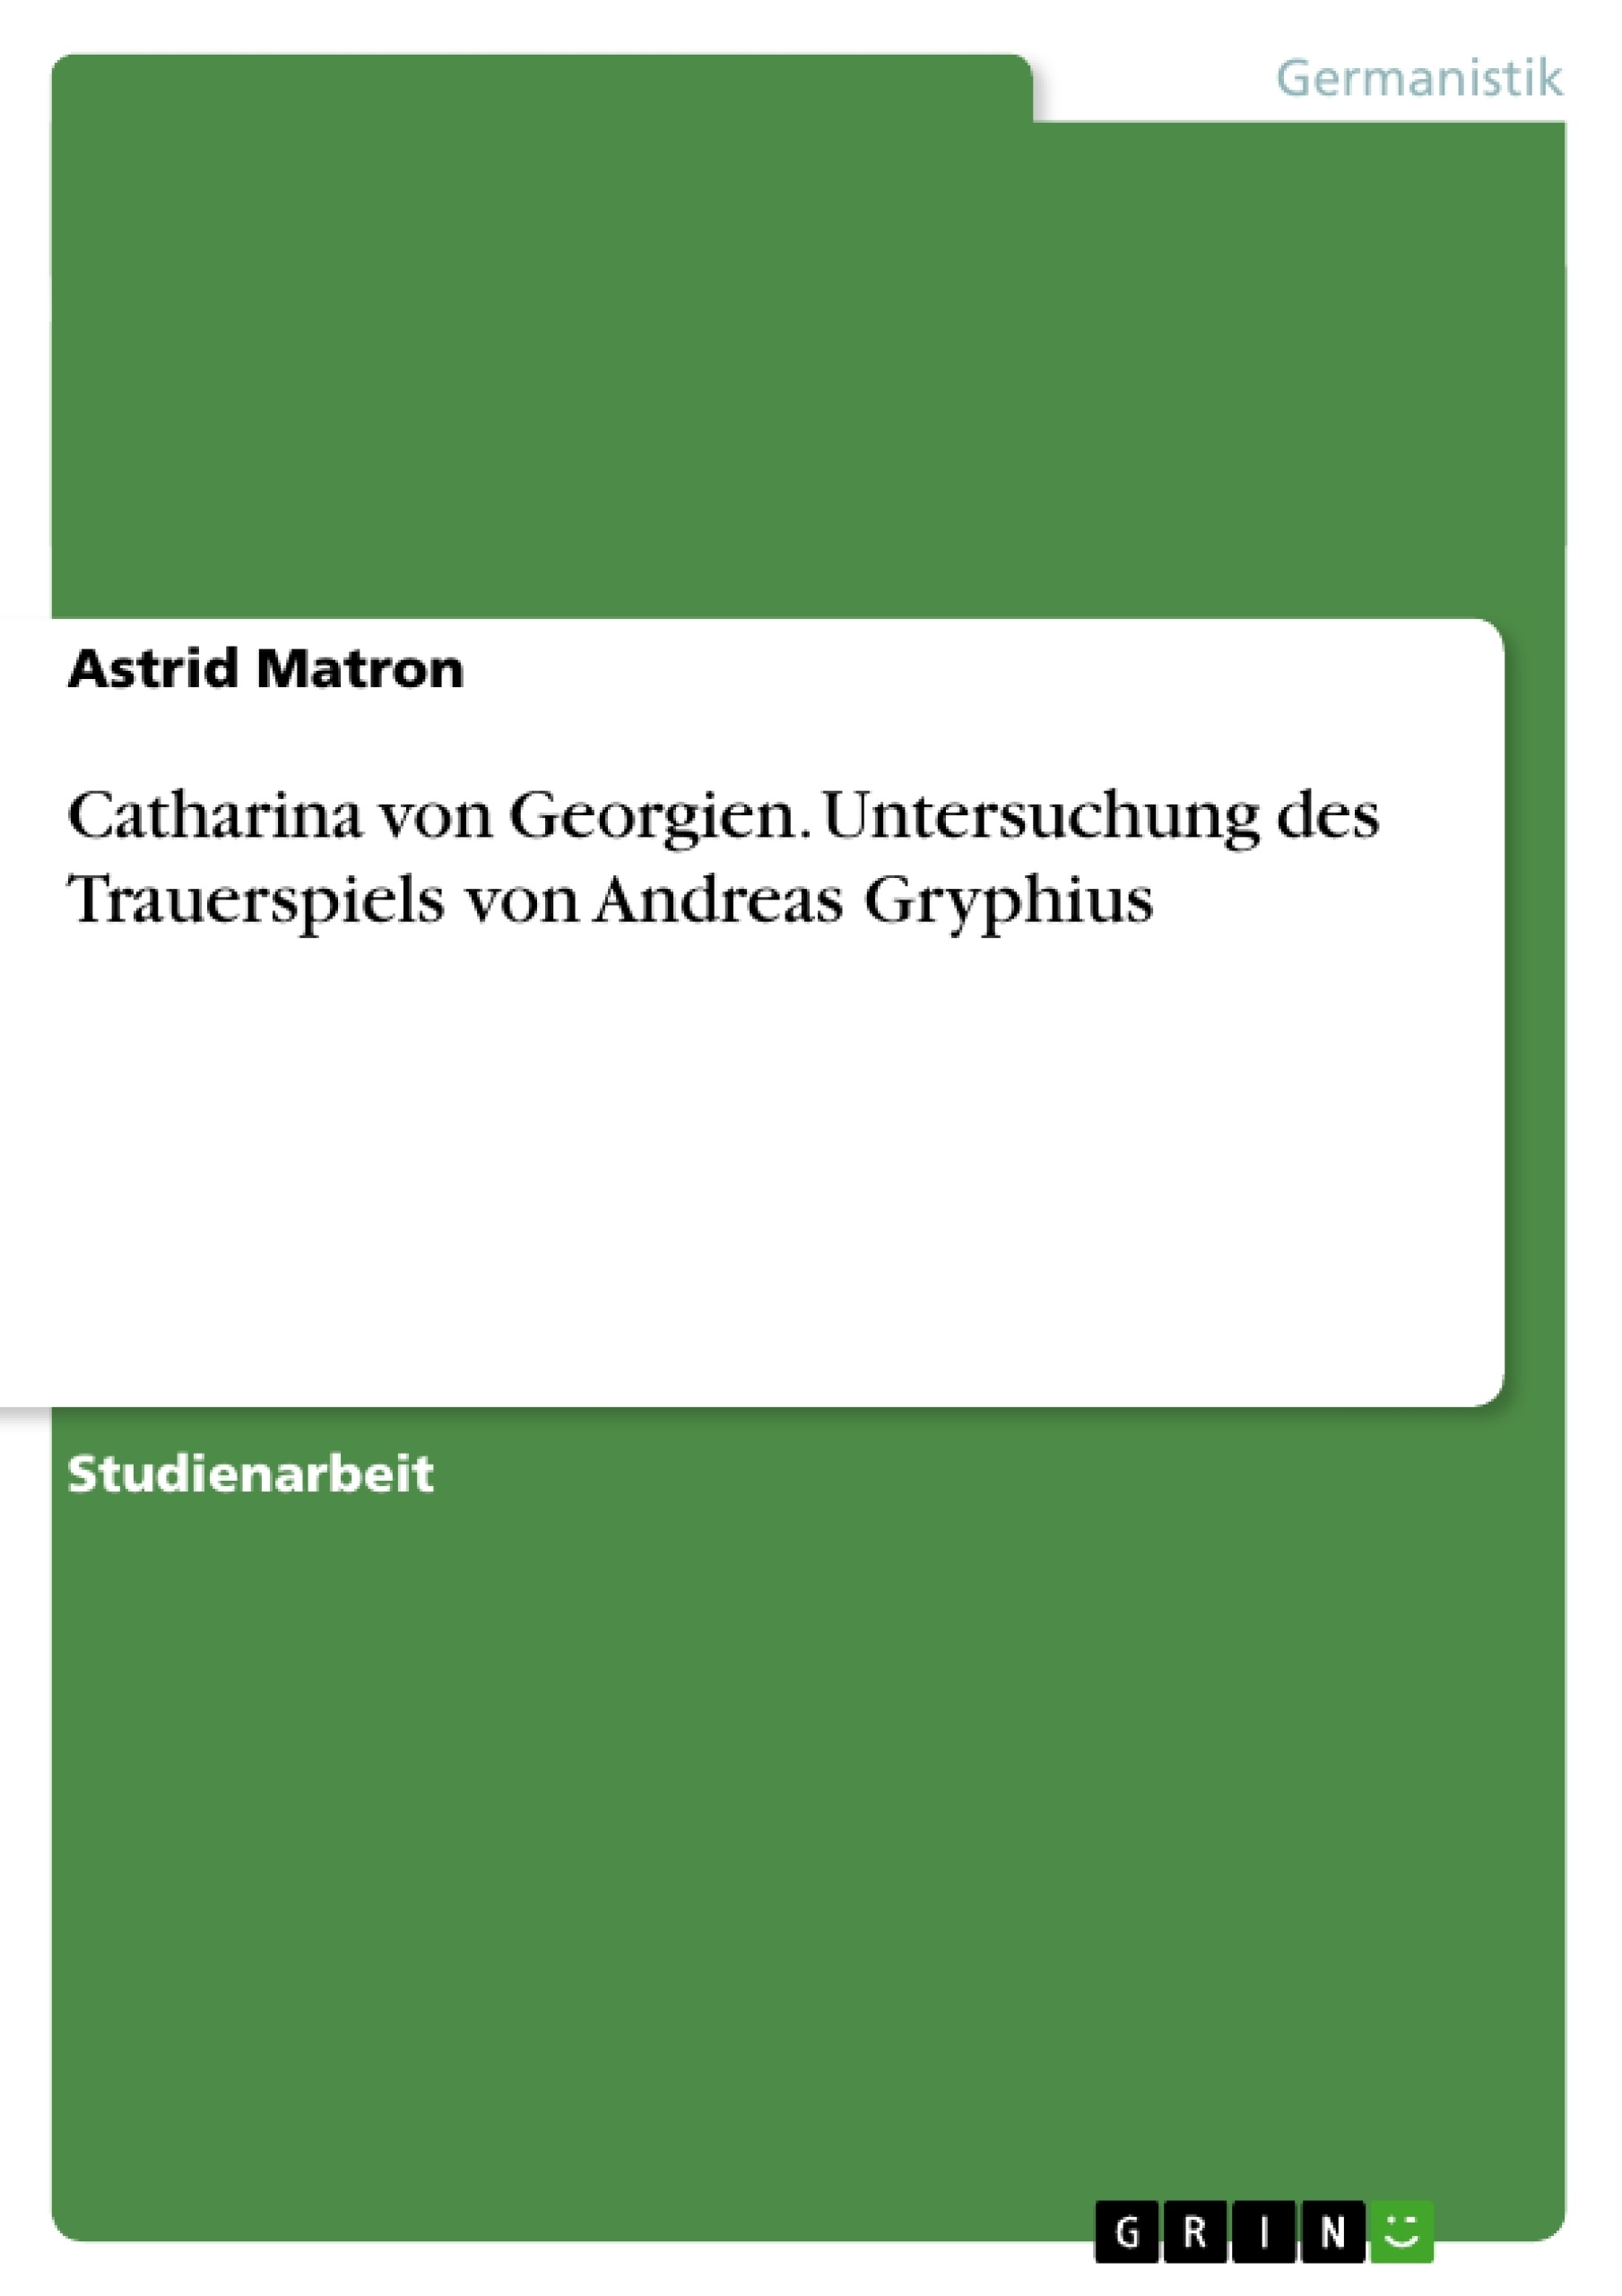 Titel: Catharina von Georgien. Untersuchung des Trauerspiels von Andreas Gryphius